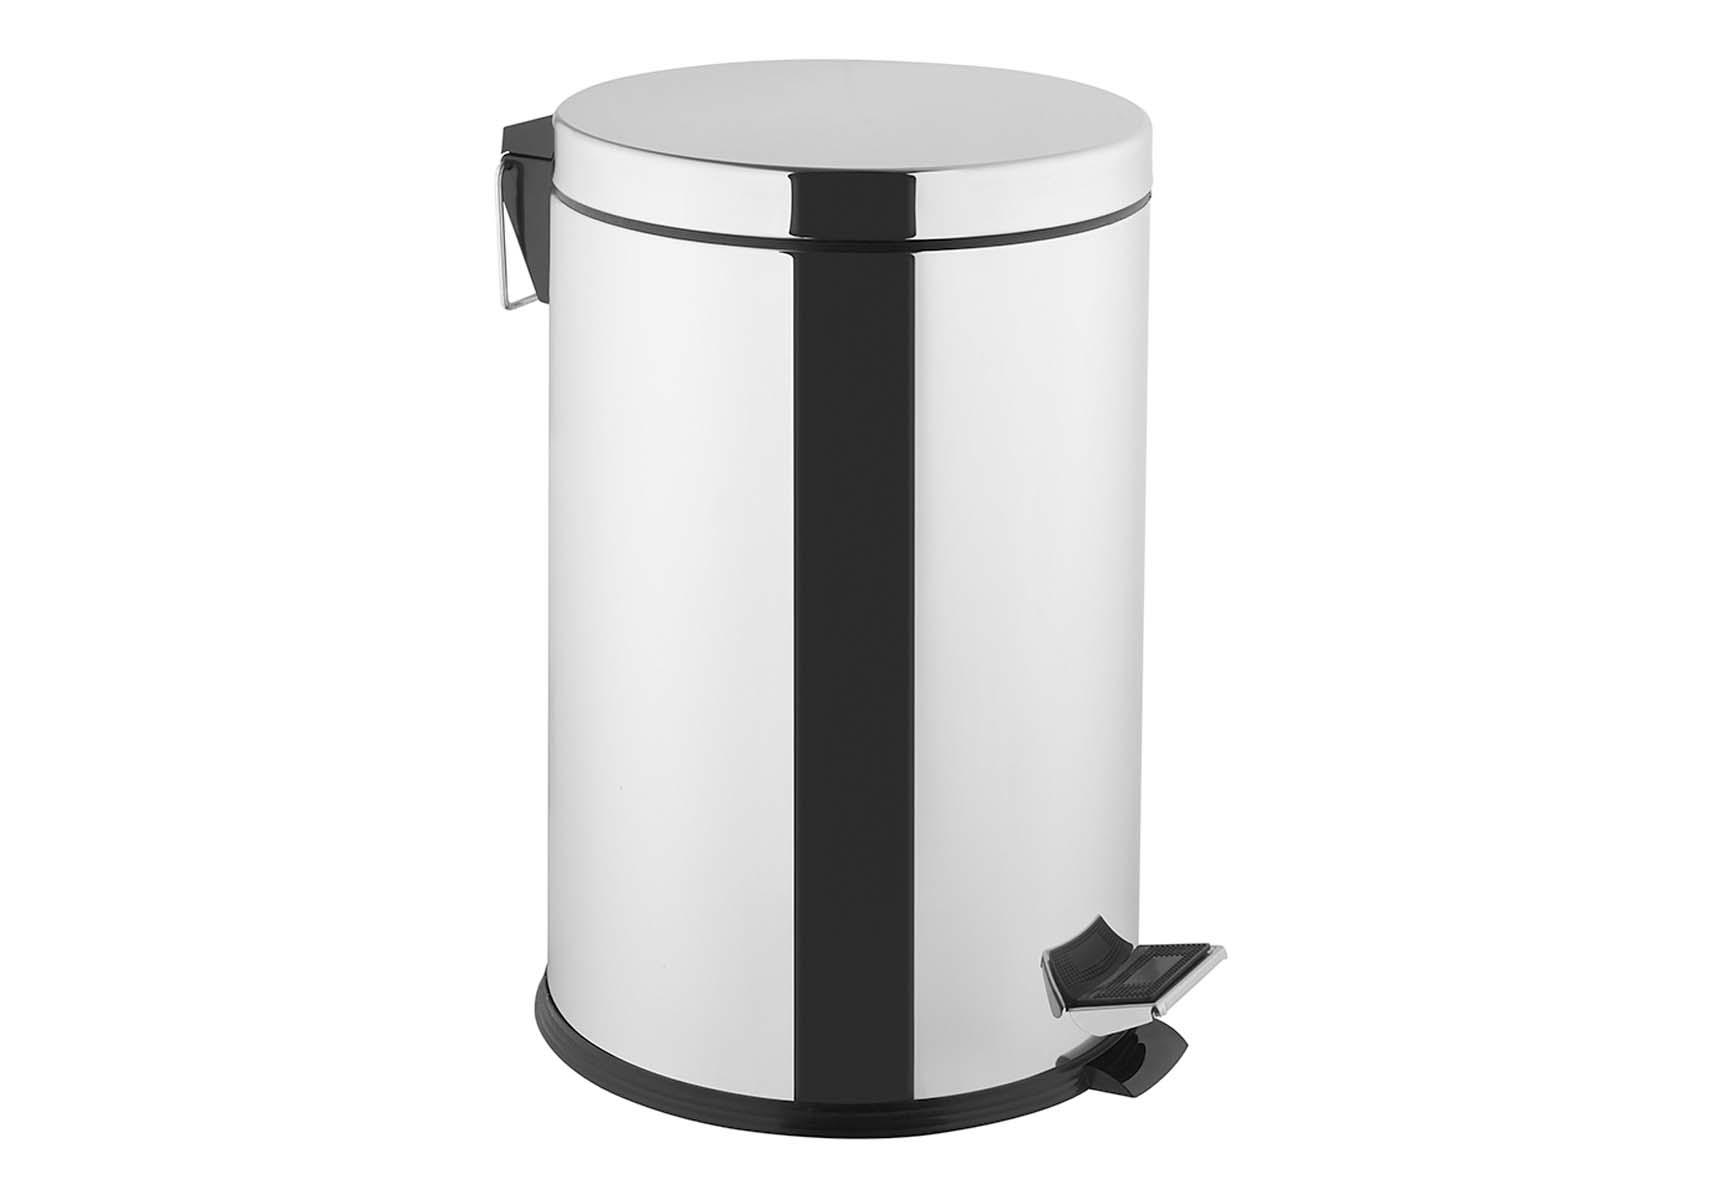 Arkitekta Trash Box (20 Lt.) - Soft Close